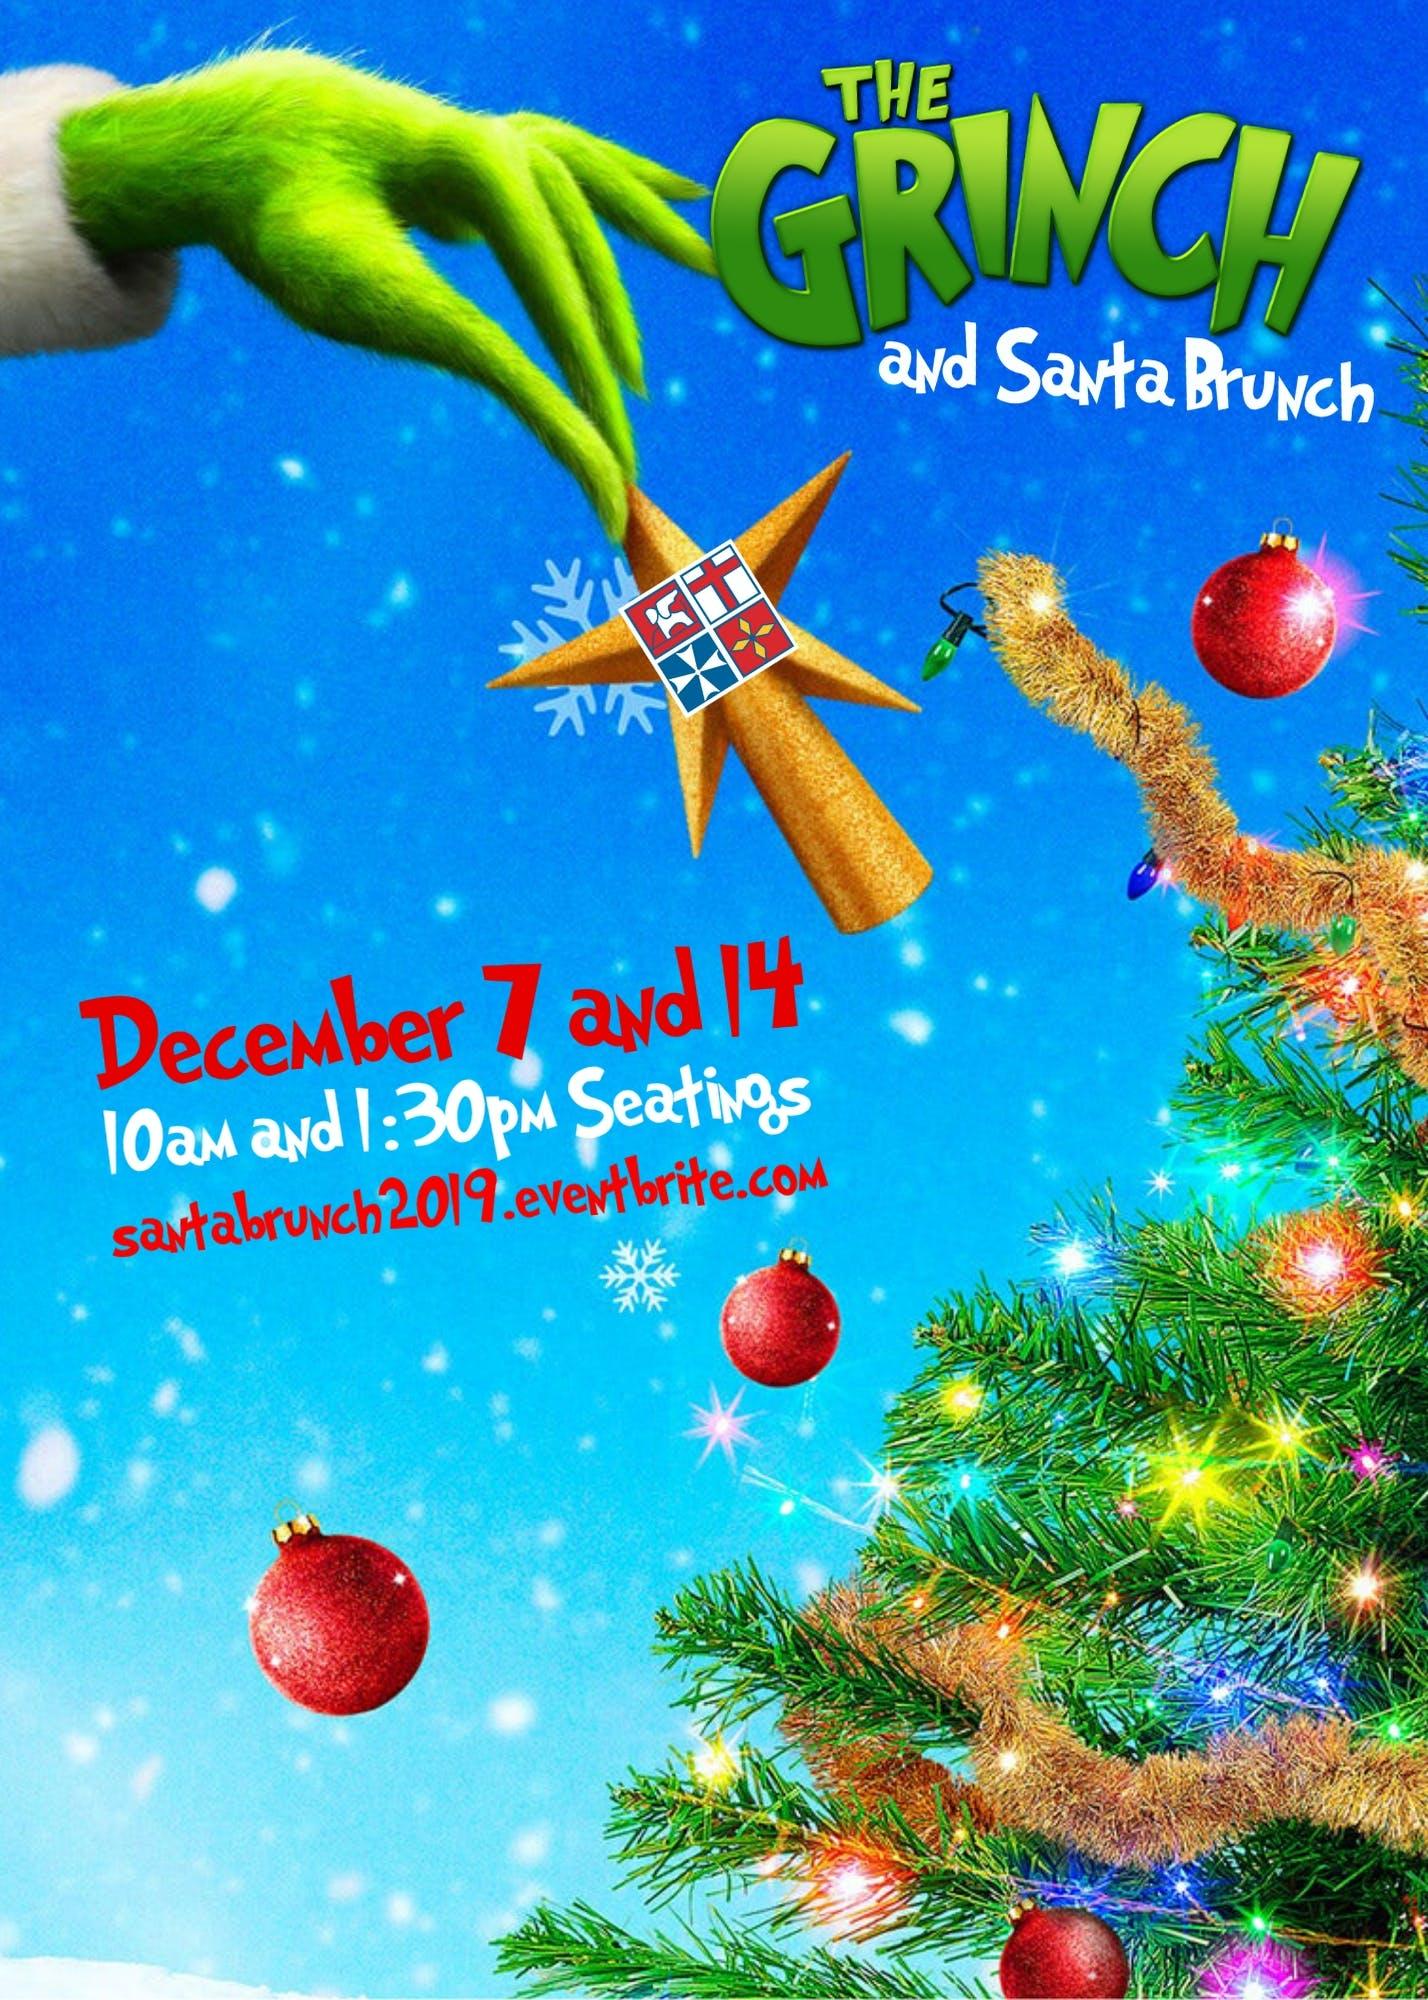 santabrunch2019.eventbrite.com